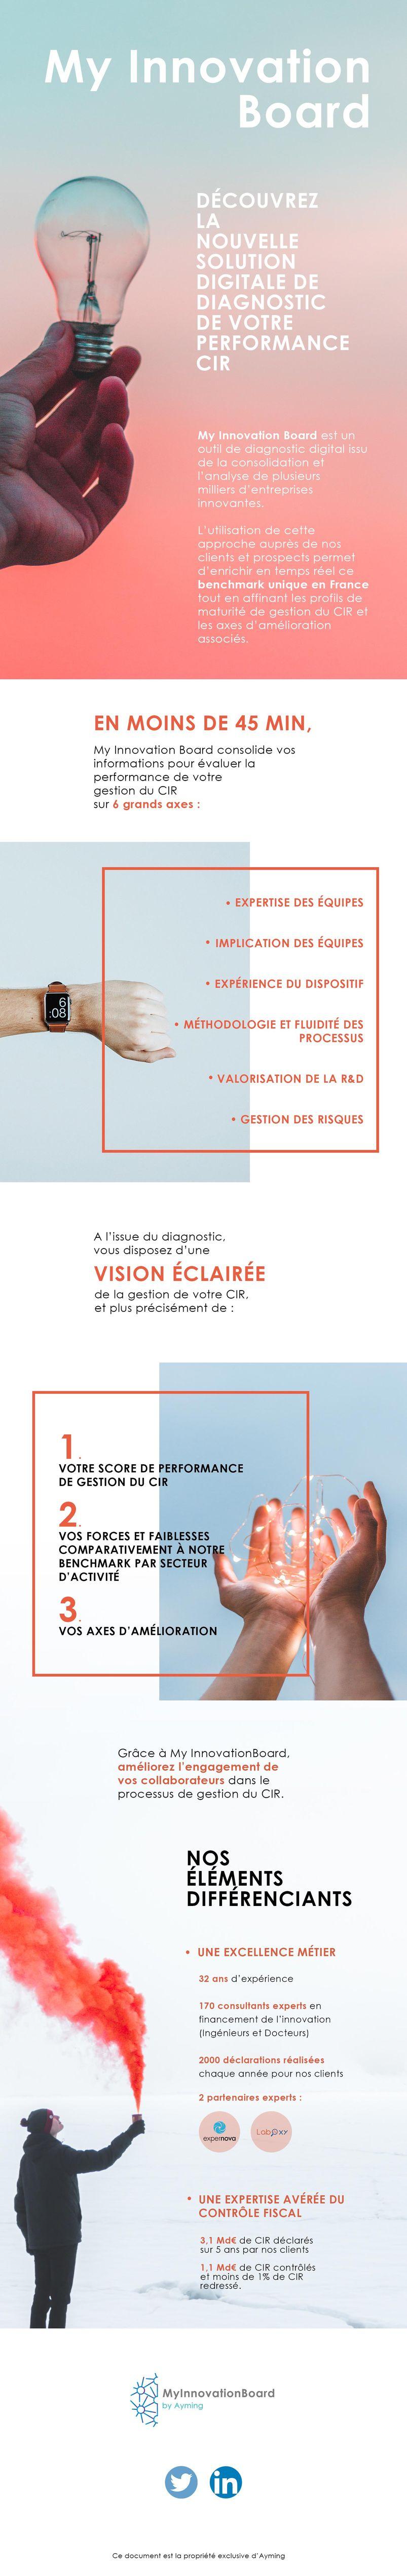 Infographie : My Innovation Board, une solution de la gestion du CIR